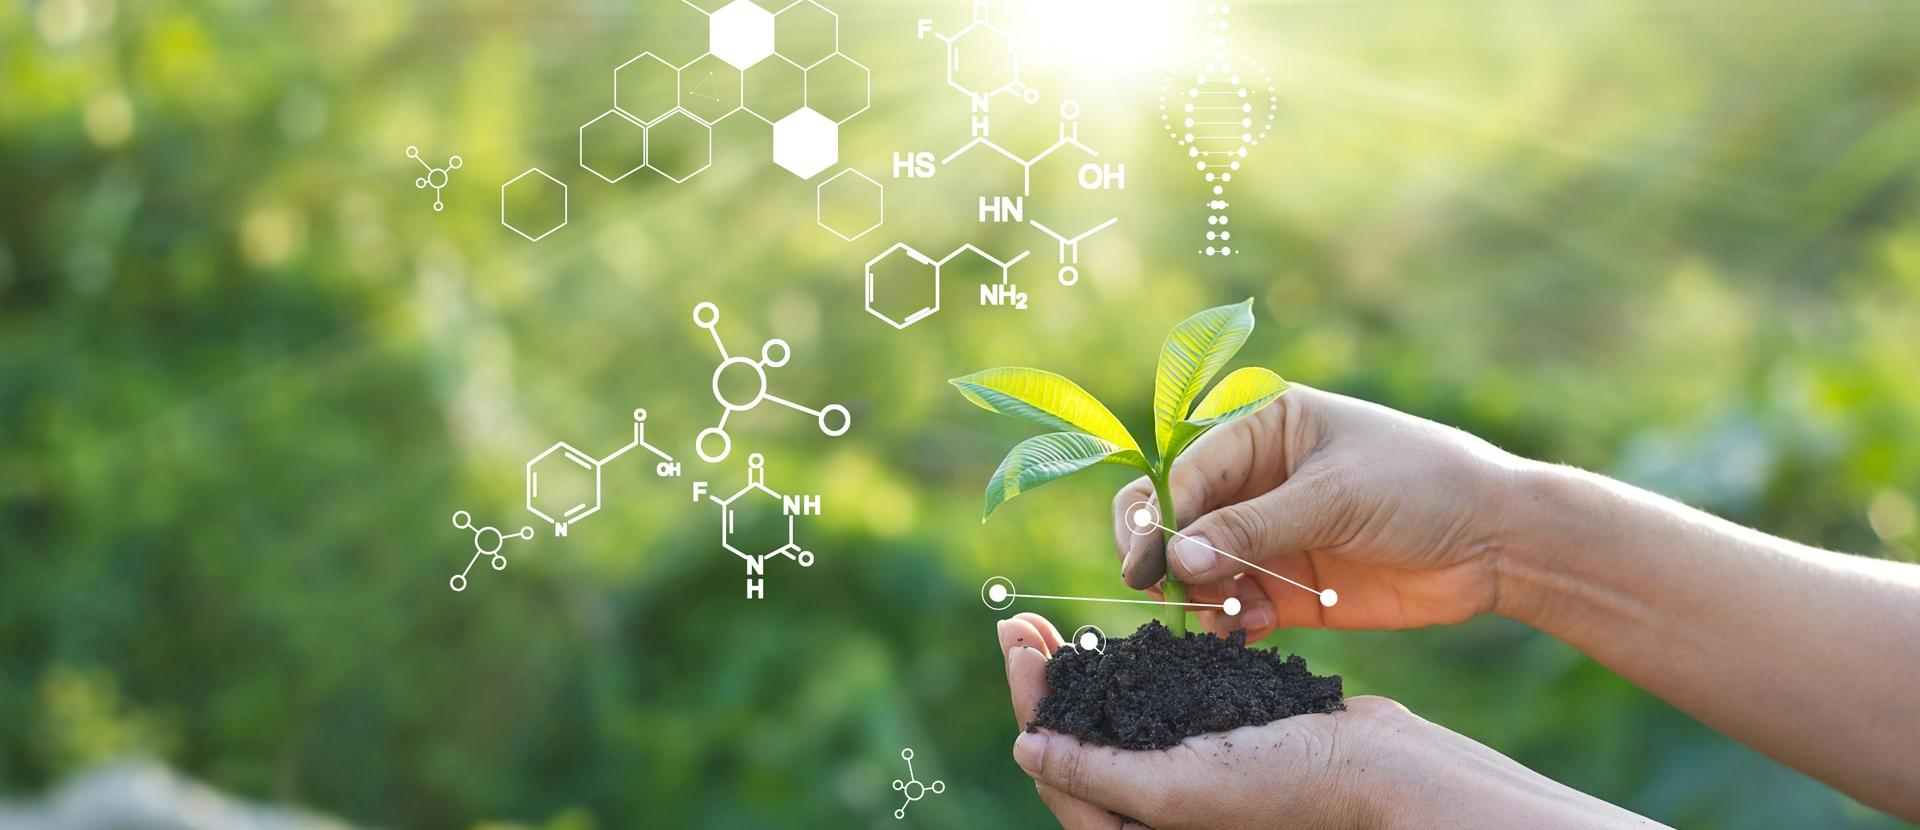 στην οικολογική γεργία biomastores.gr